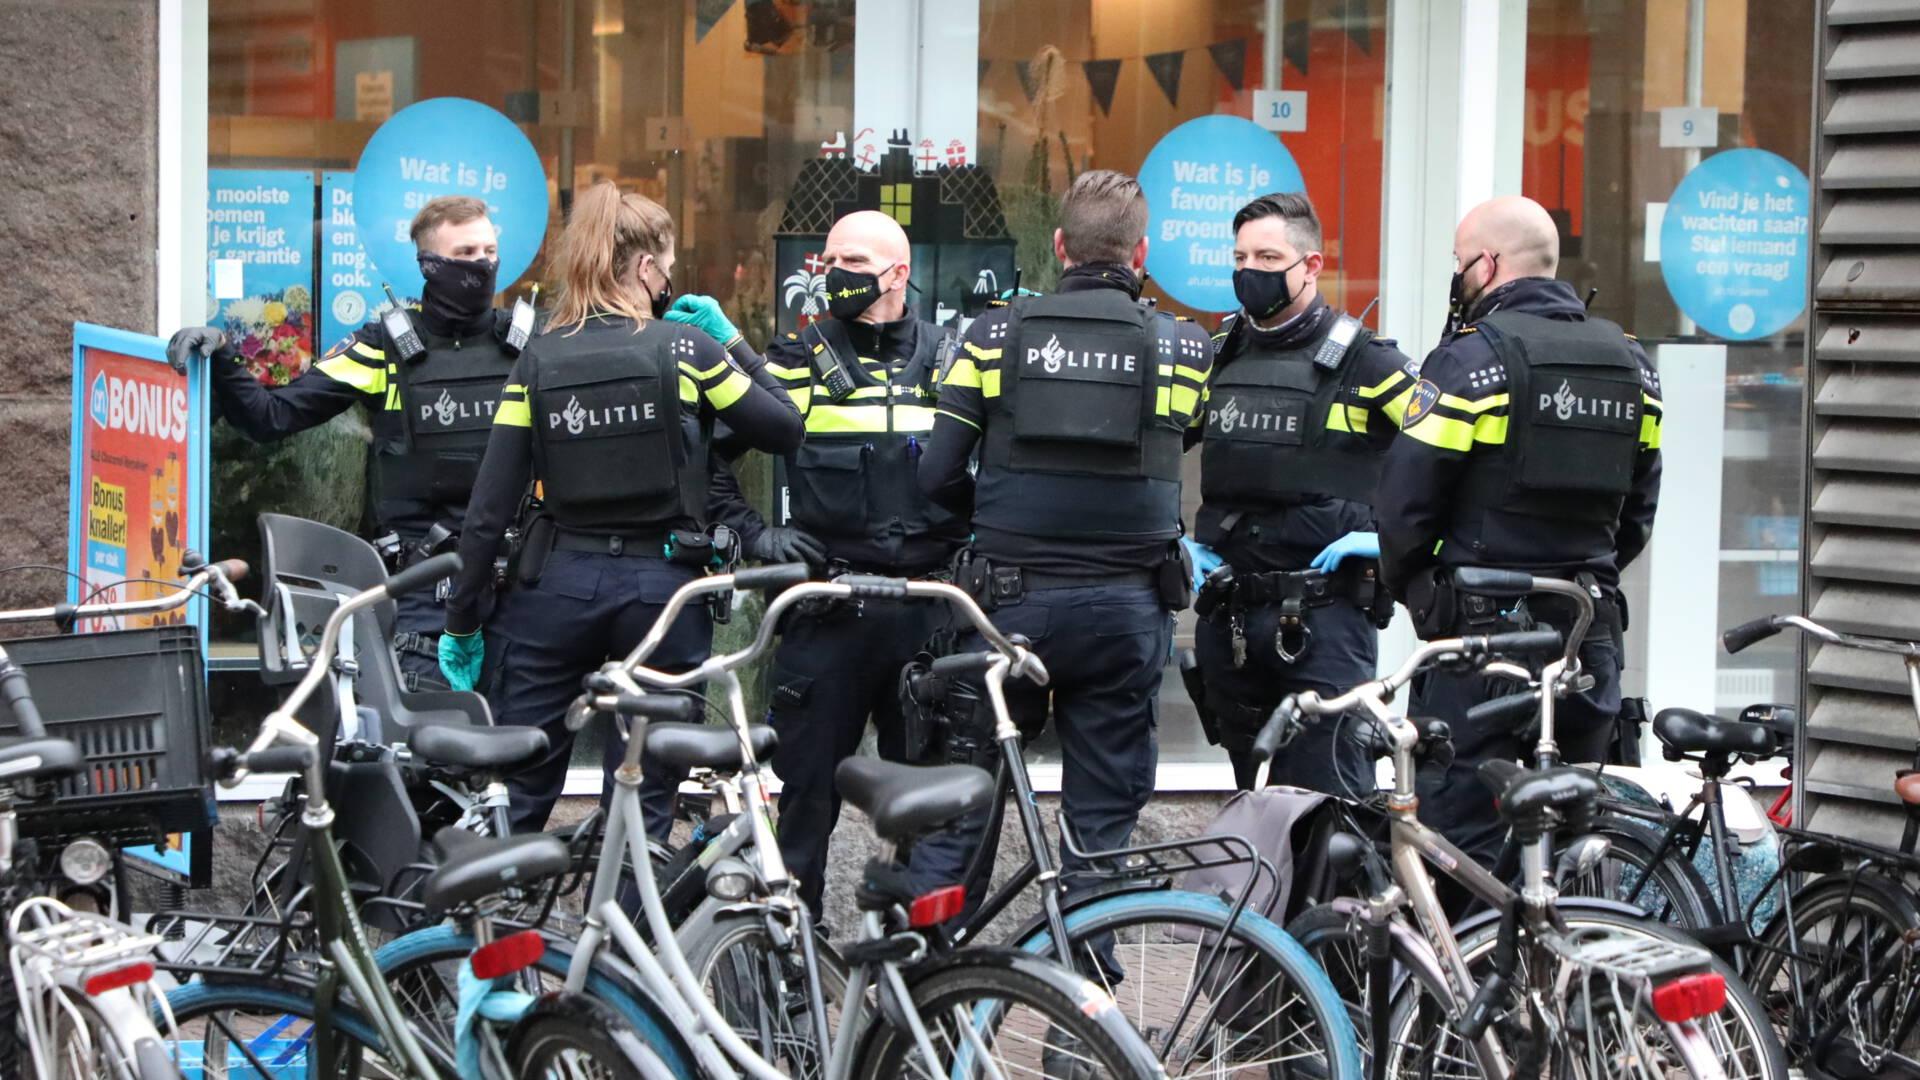 طعن 3 موظفين في سوبر ماركت في Den Haag وإشعال النار به